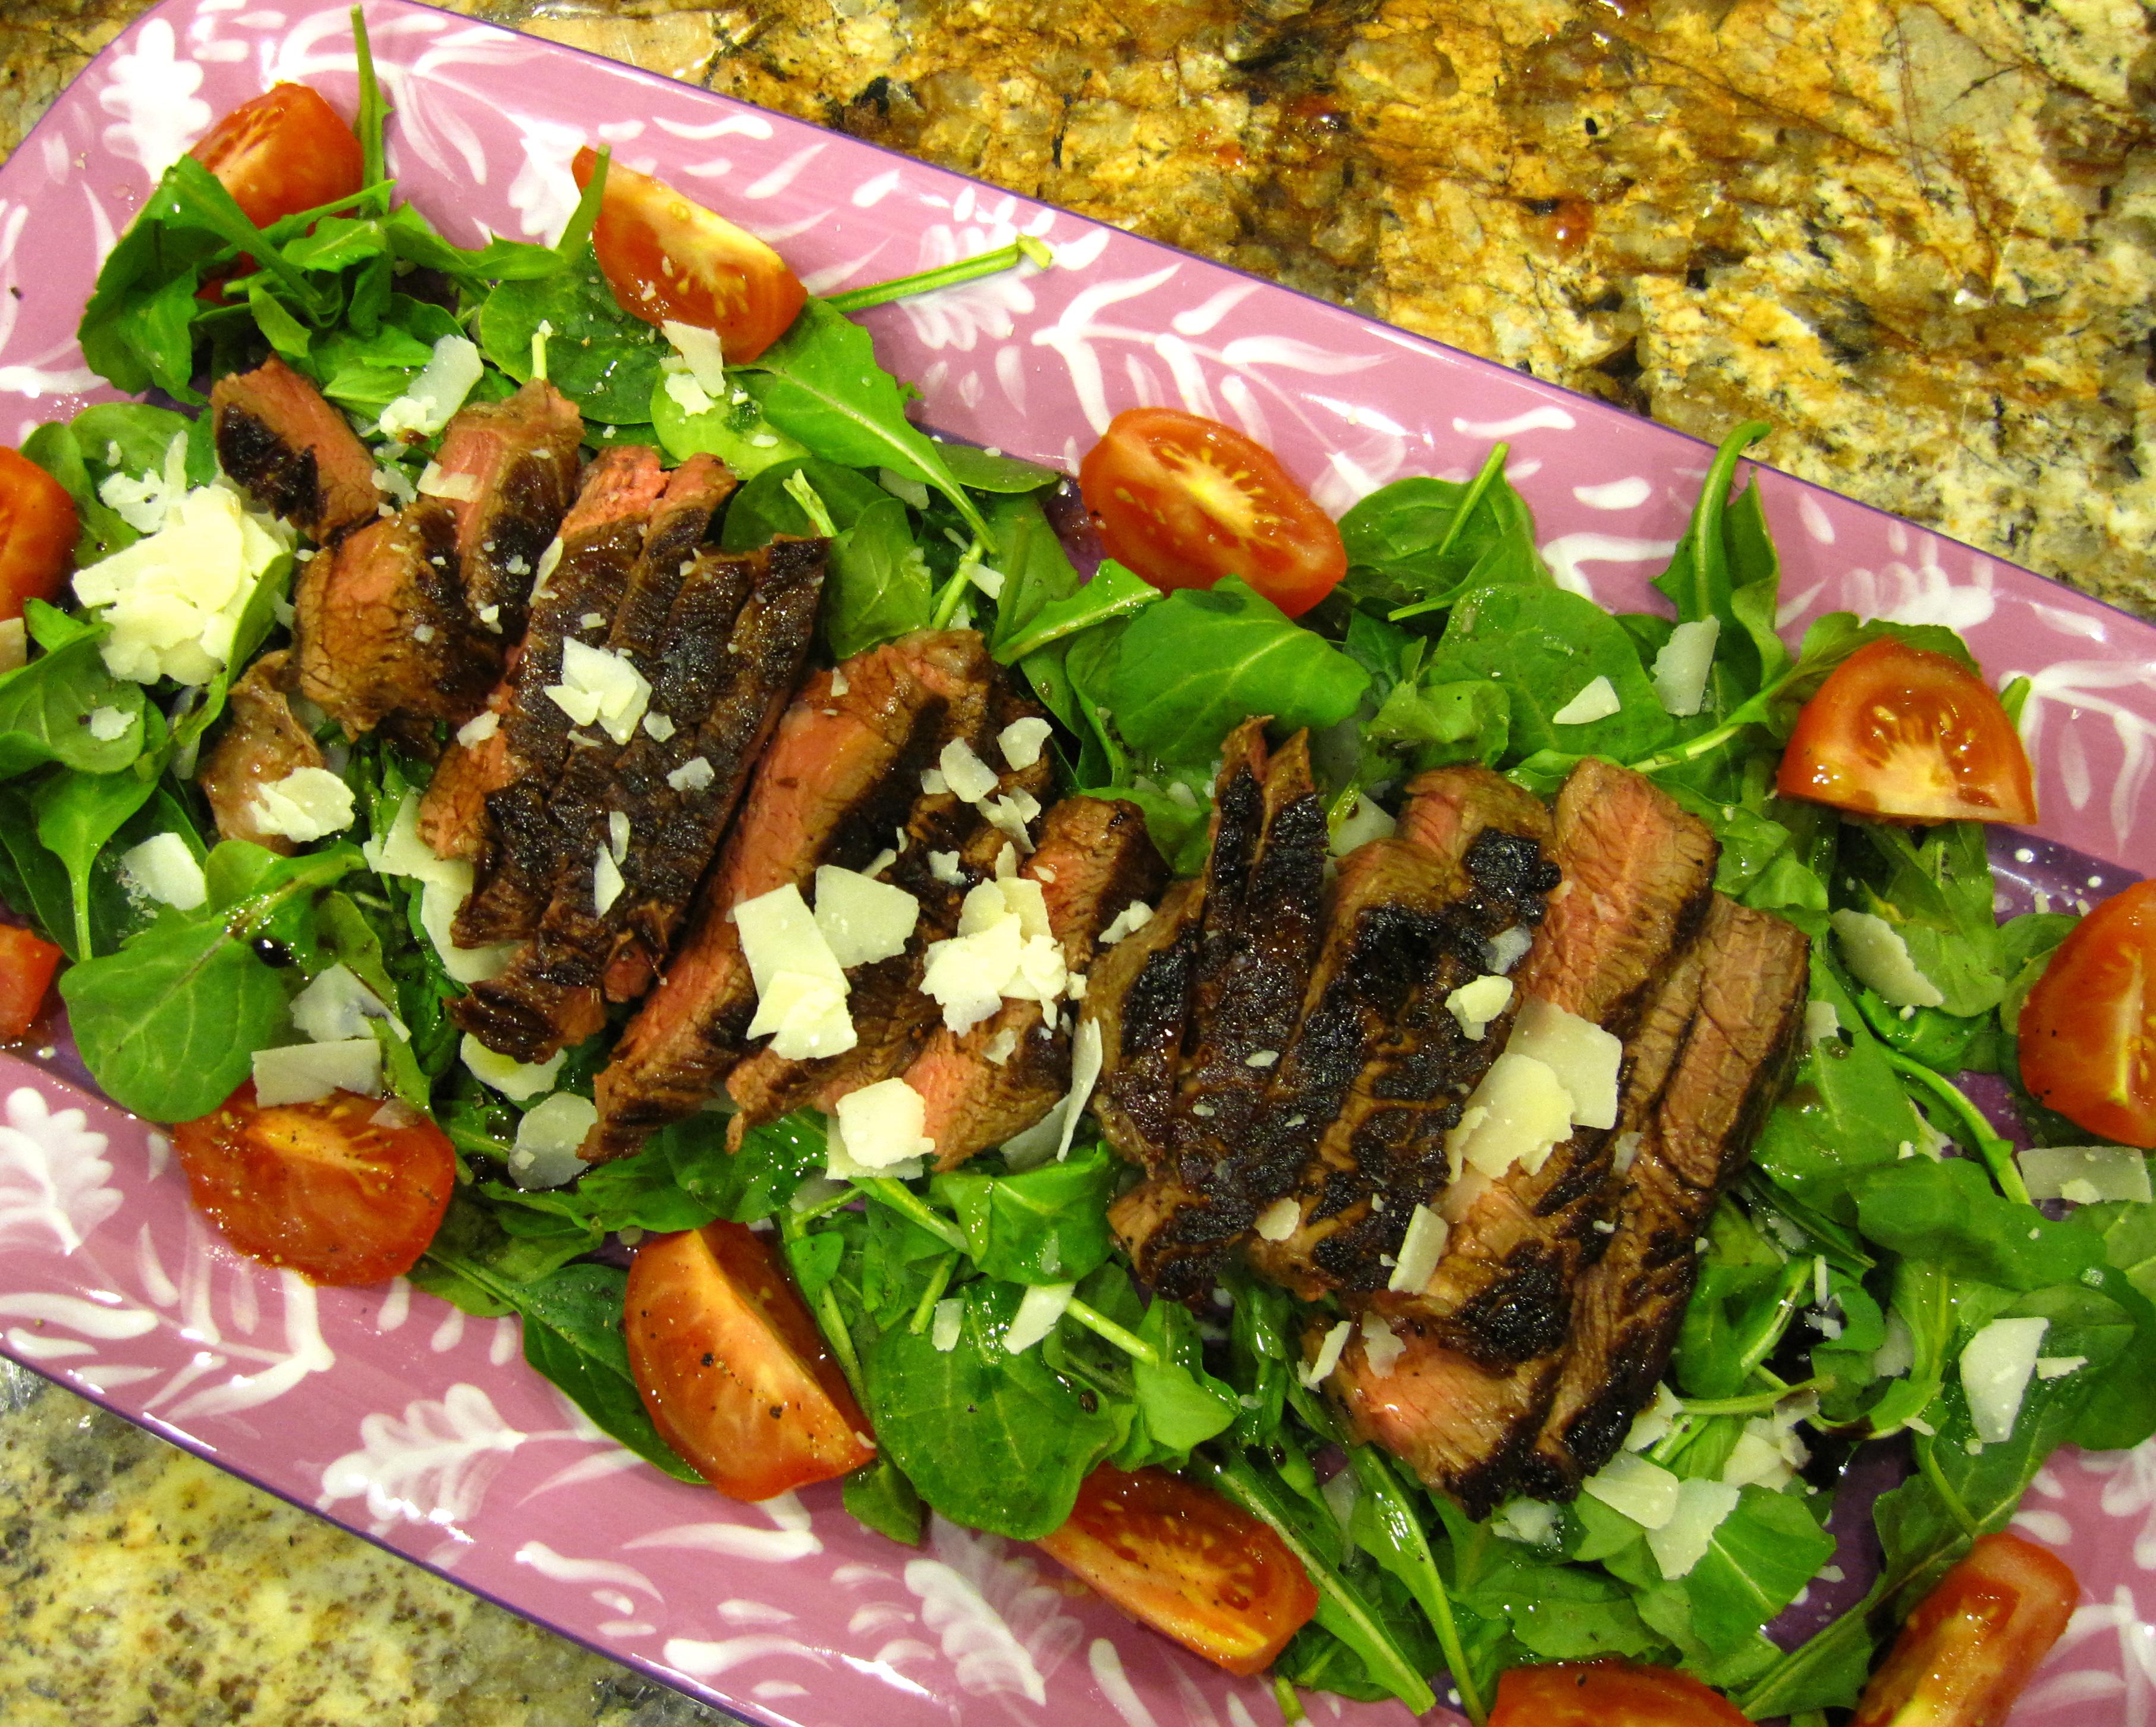 Arugula Salad Ideas Steak And Arugula Salad – a